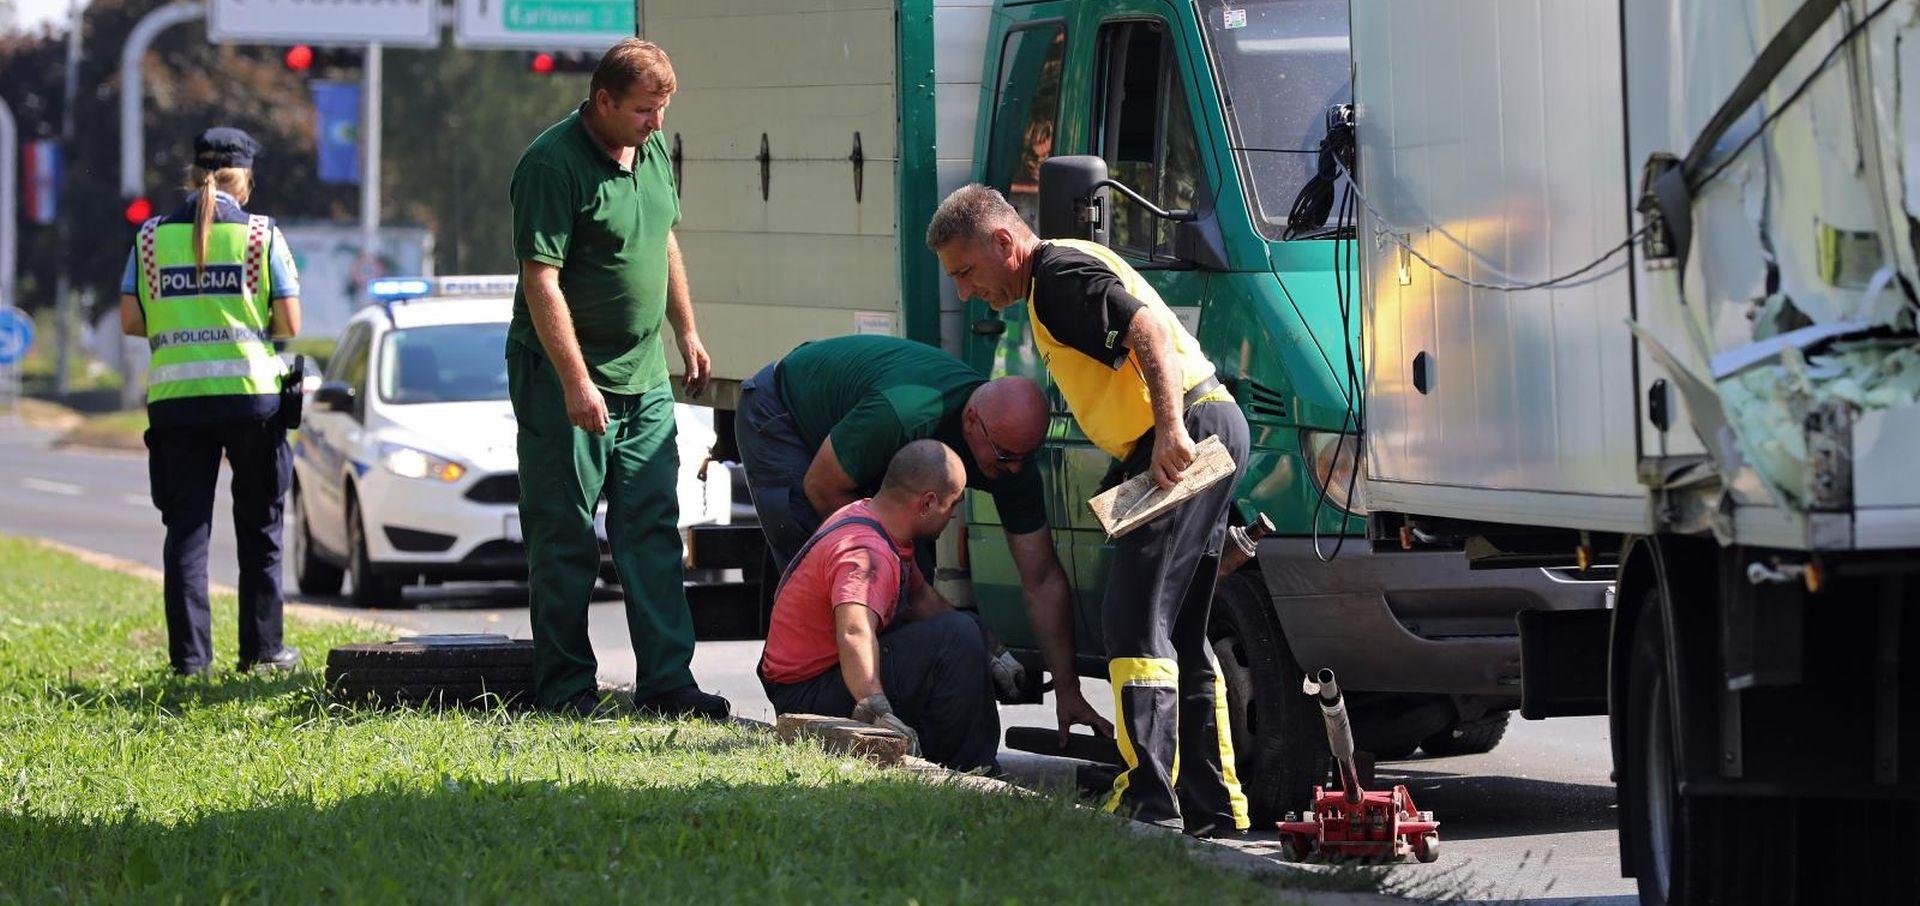 NESREĆA U ZAGREBU Sudarila se dva teretna vozila, jedna osoba ozlijeđena